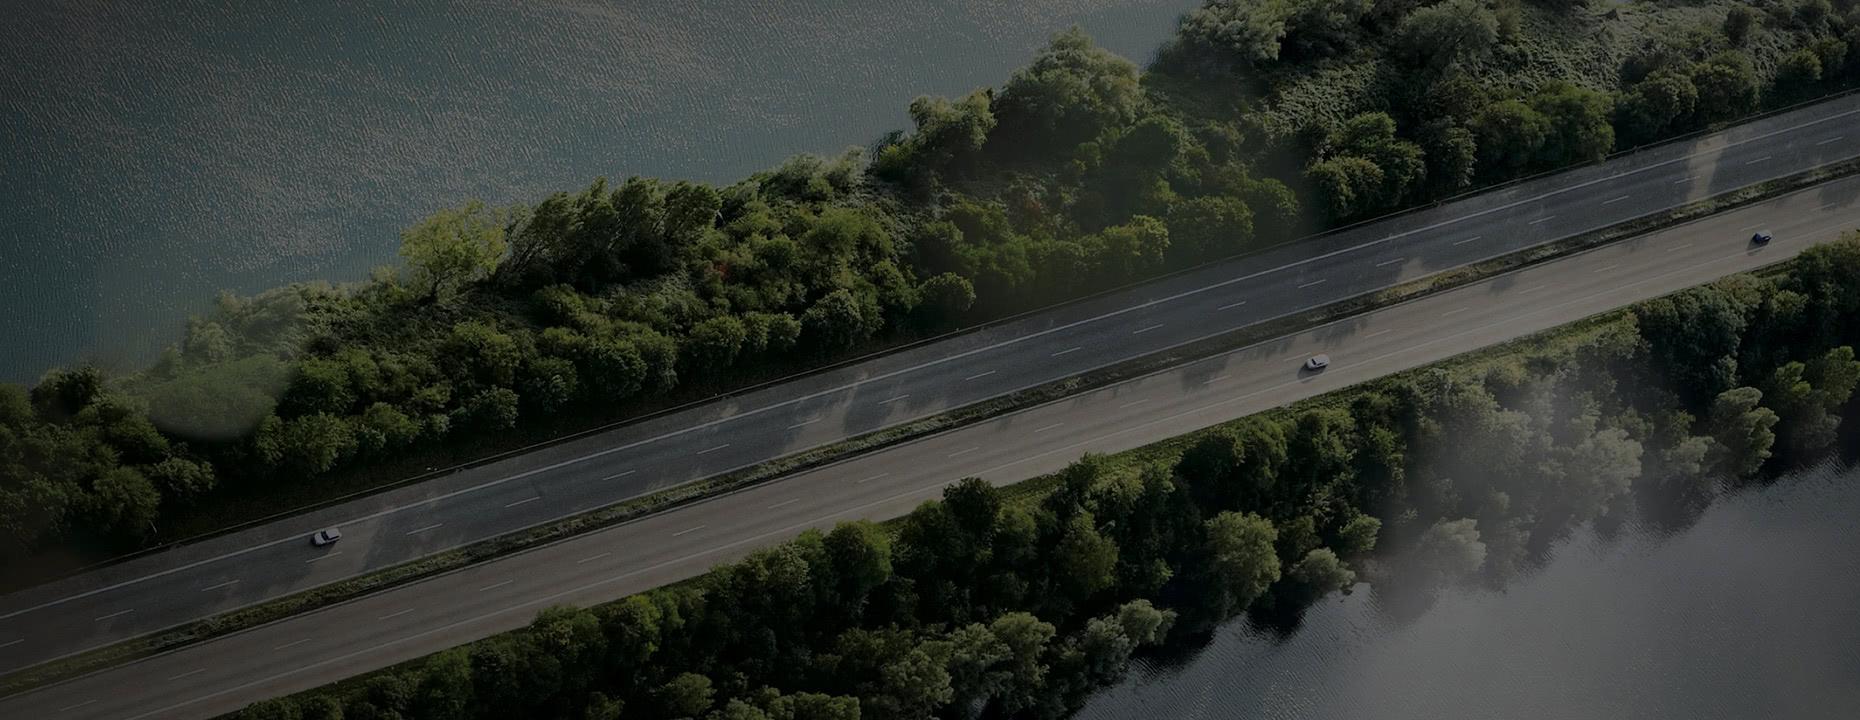 Автомобілі Hyundai Motor Group - найтитулованіші в рейтингу якості агентства J.D. Power | Автопалац Тернопіль - фото 8